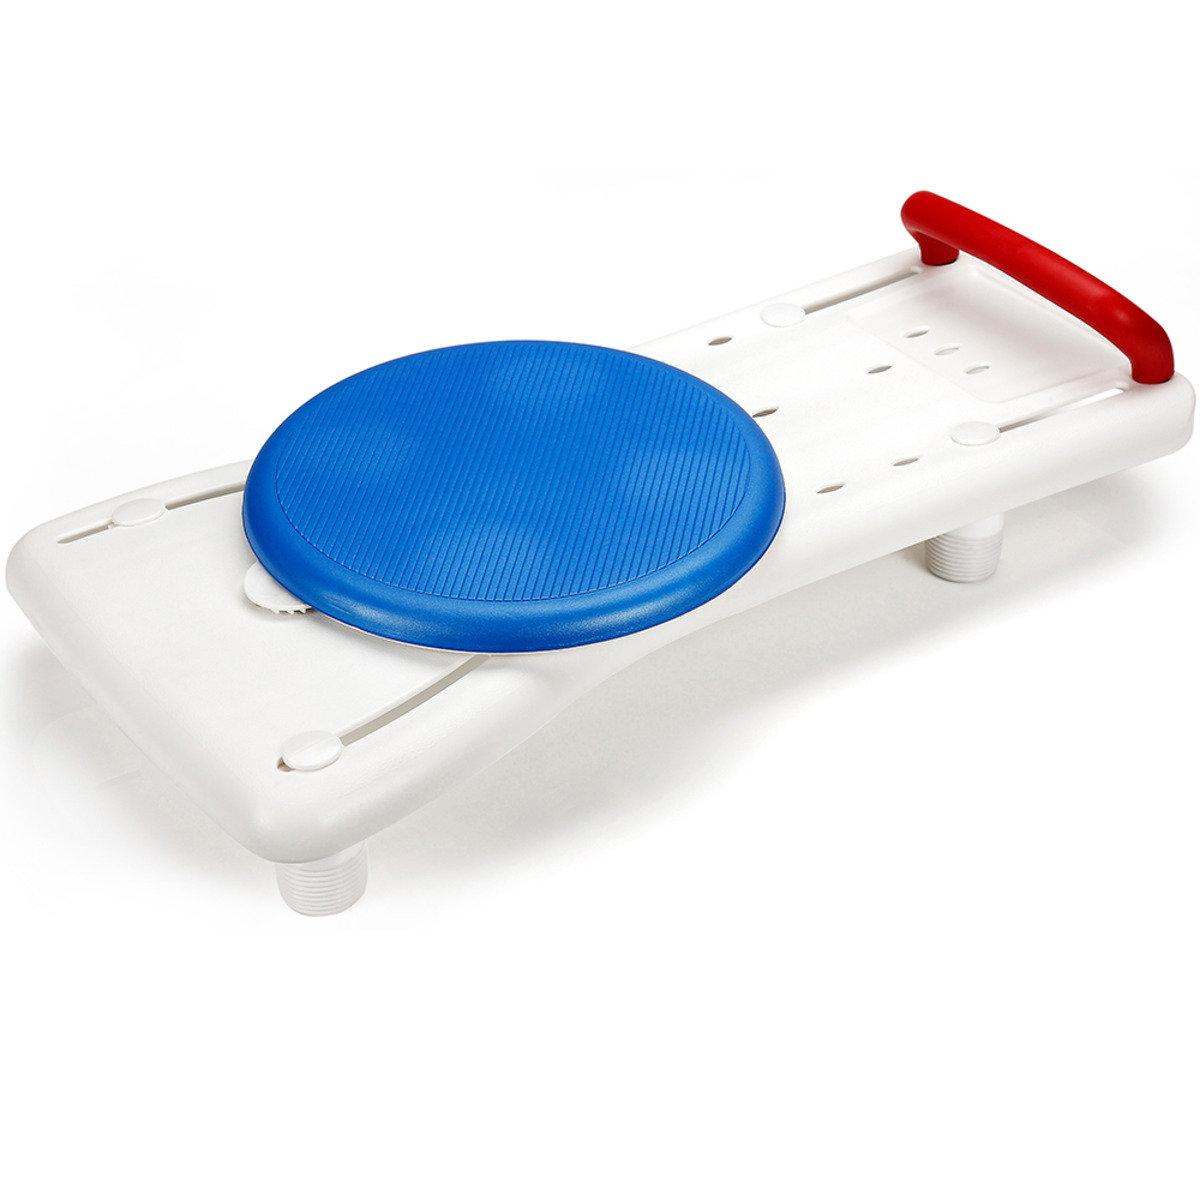 比利時 Vera 沐浴板 (座板可左右移動及旋轉)